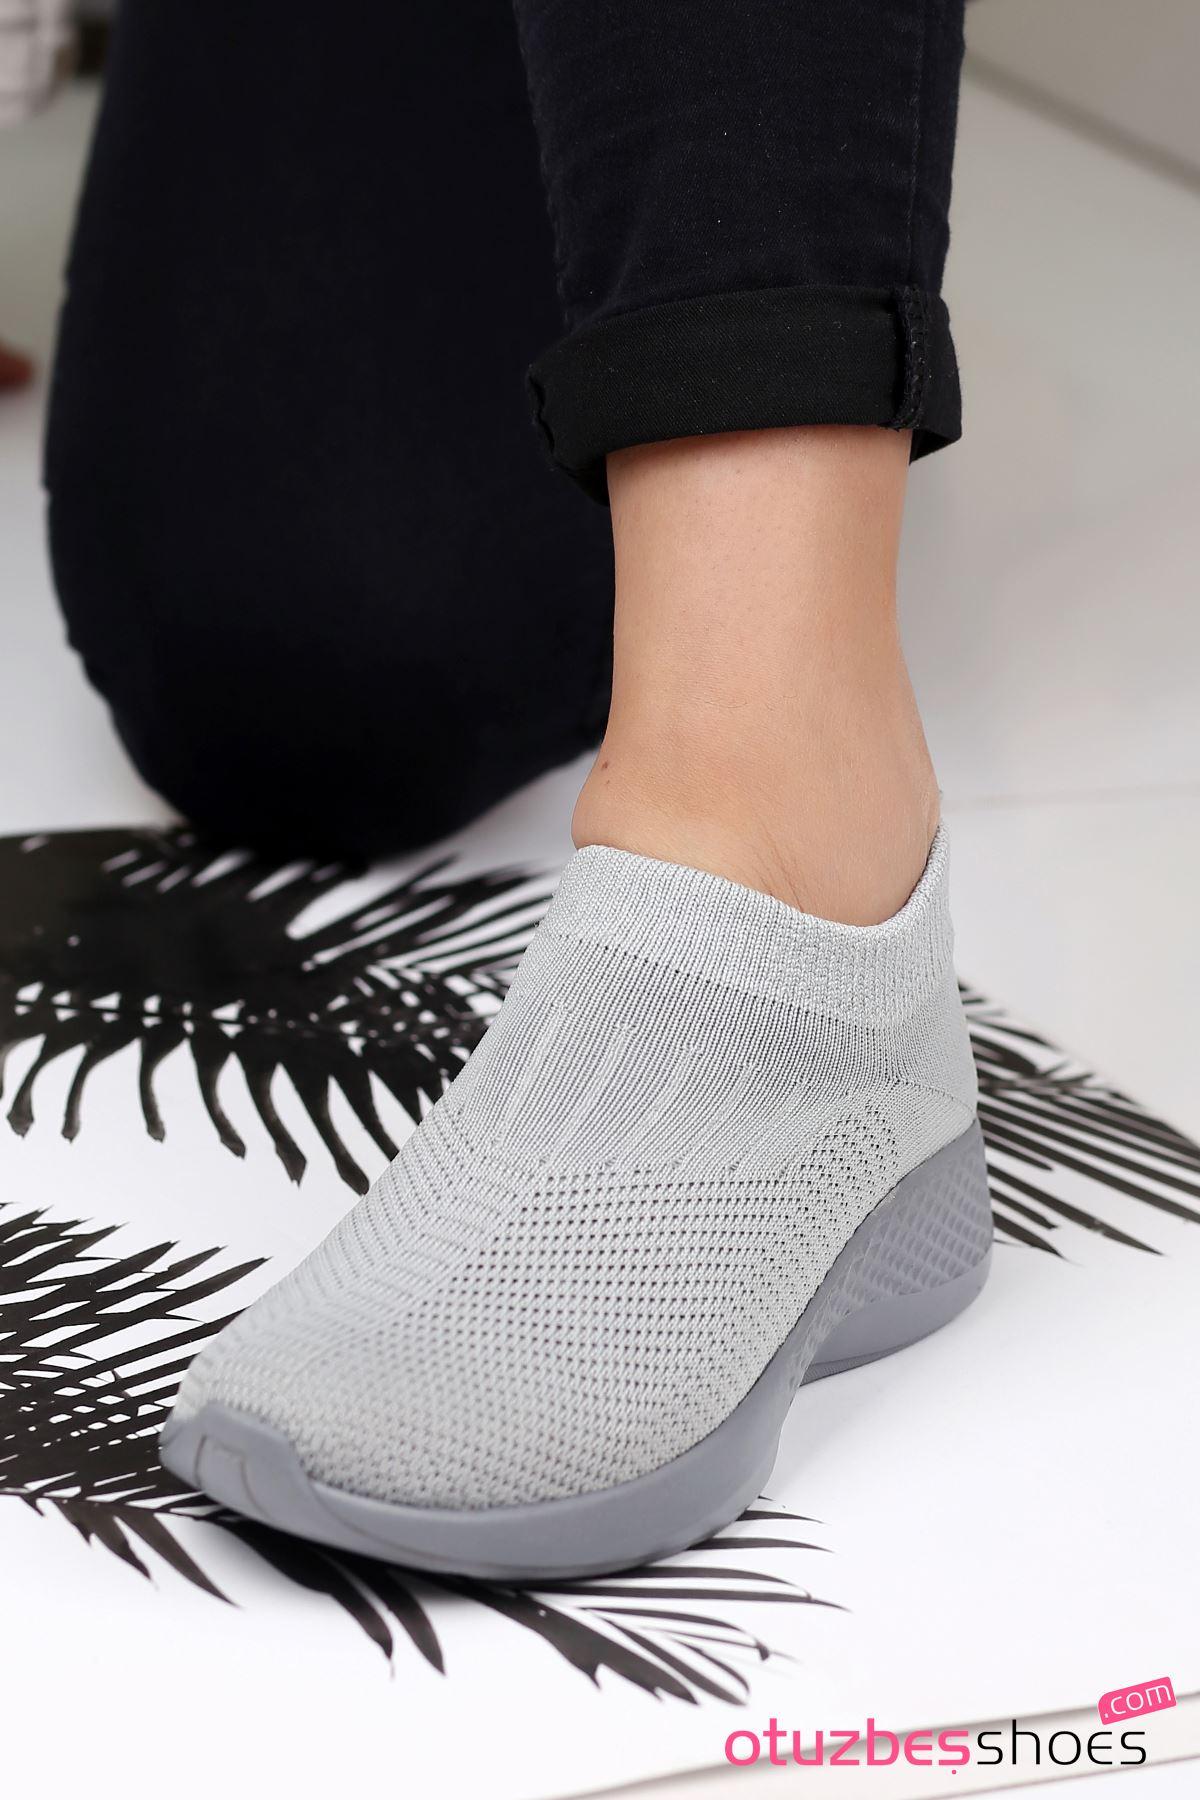 Babs Çelik Örgü Triko Kadın Spor Ayakkabı Gri